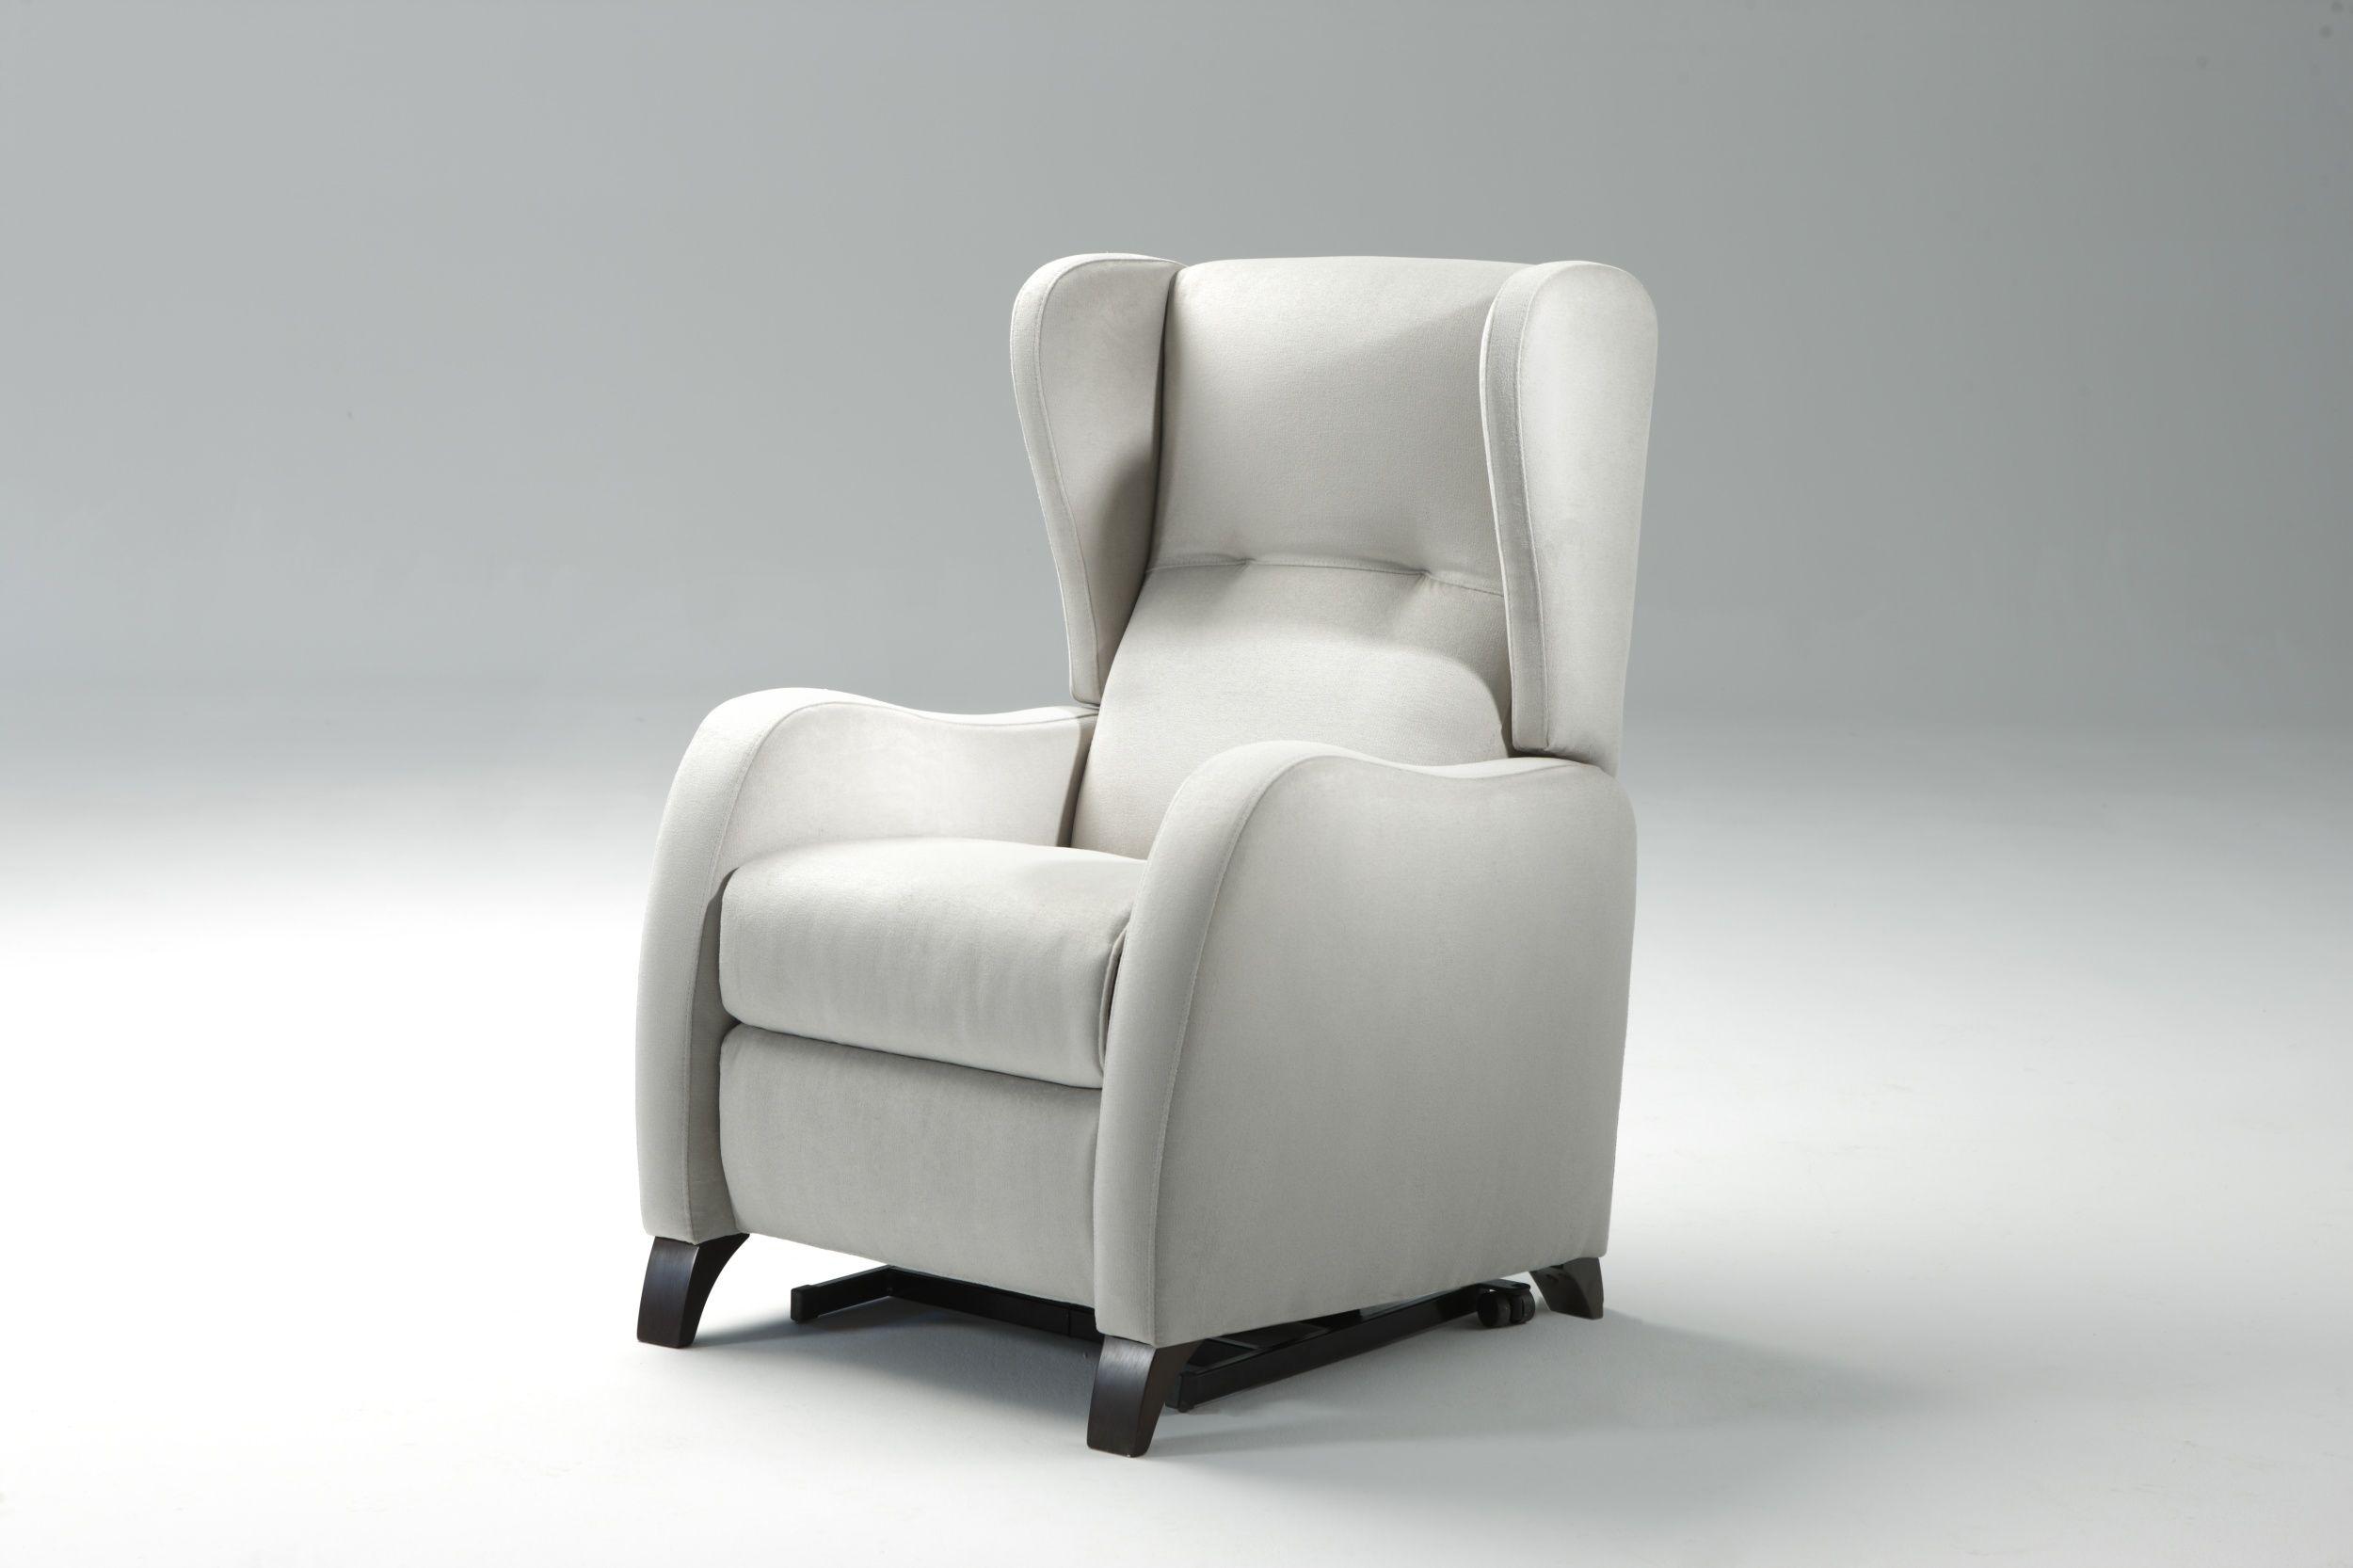 Cuanto cuesta tapizar un sillon orejero silln orejero for Cuanto cuesta una silla